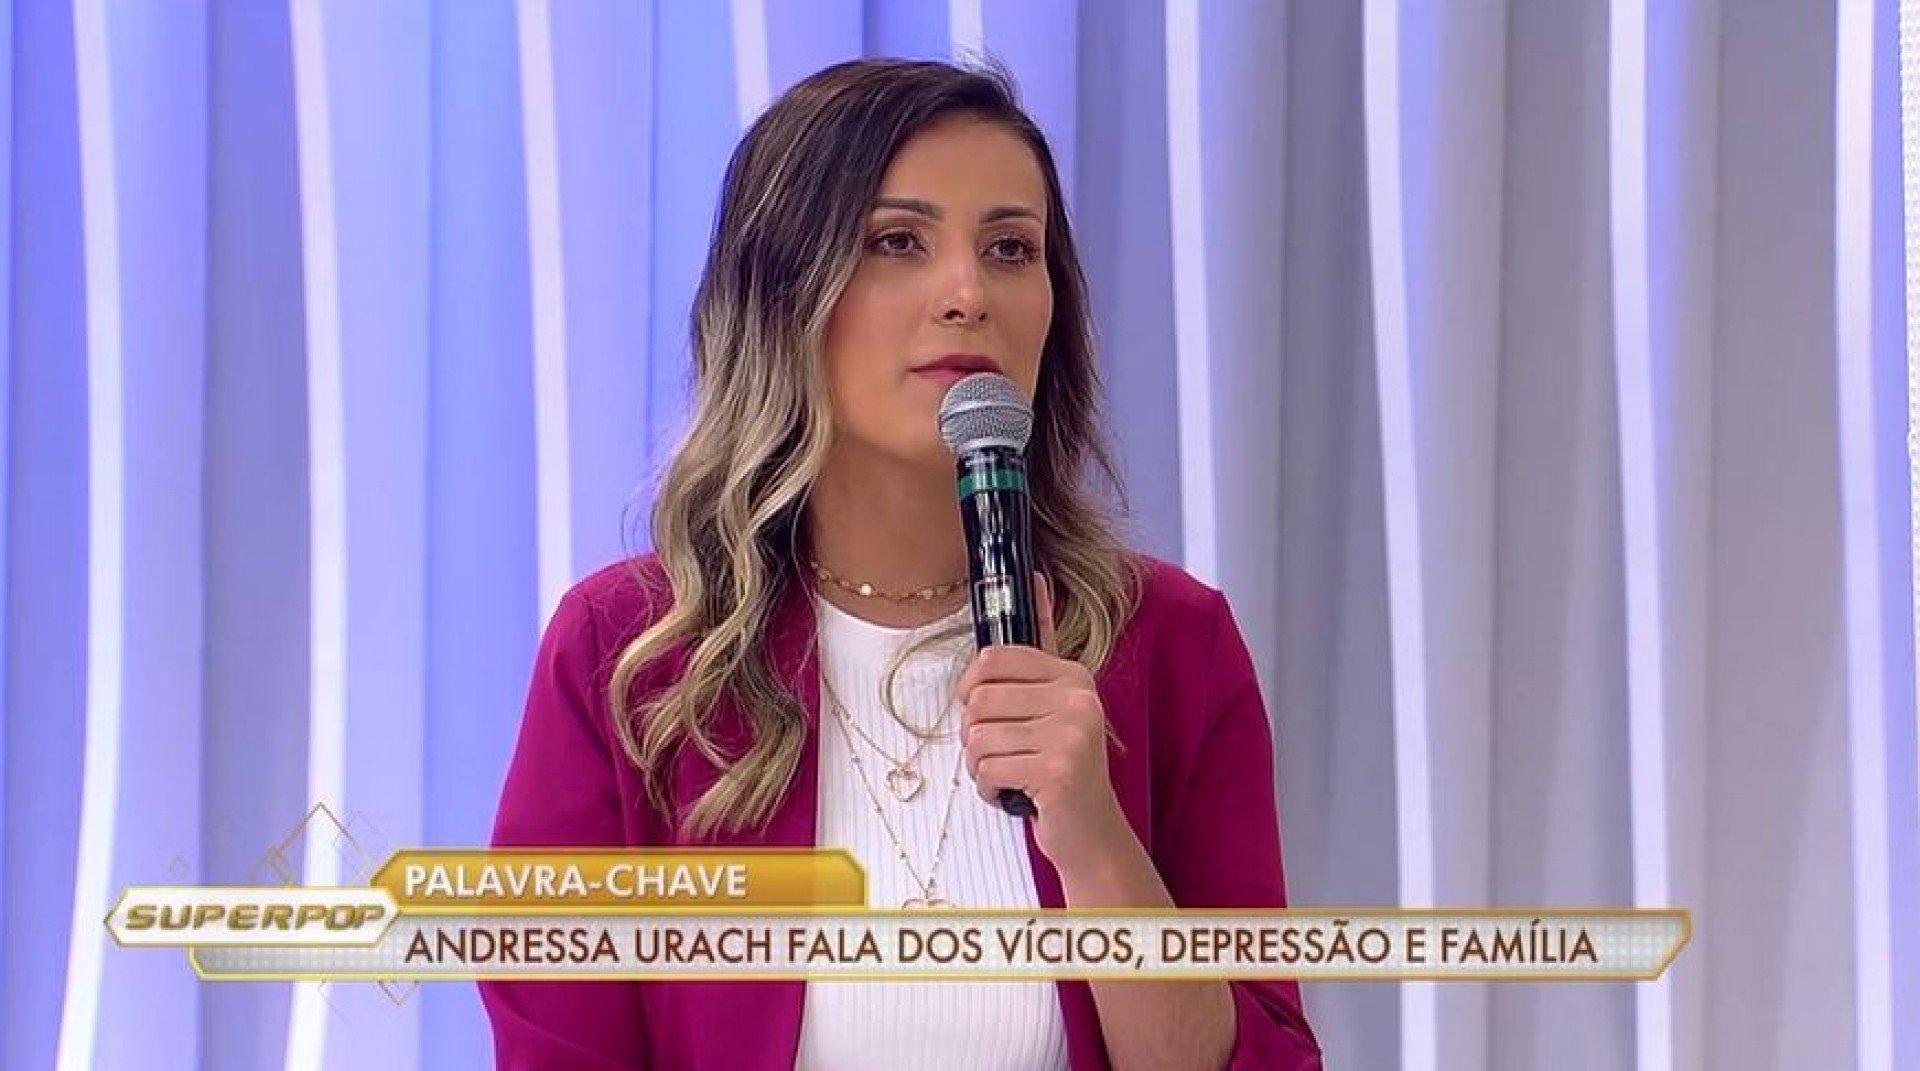 Andressa Urach Video Nua andressa urach admite que já fez sexo com mais de dois mil